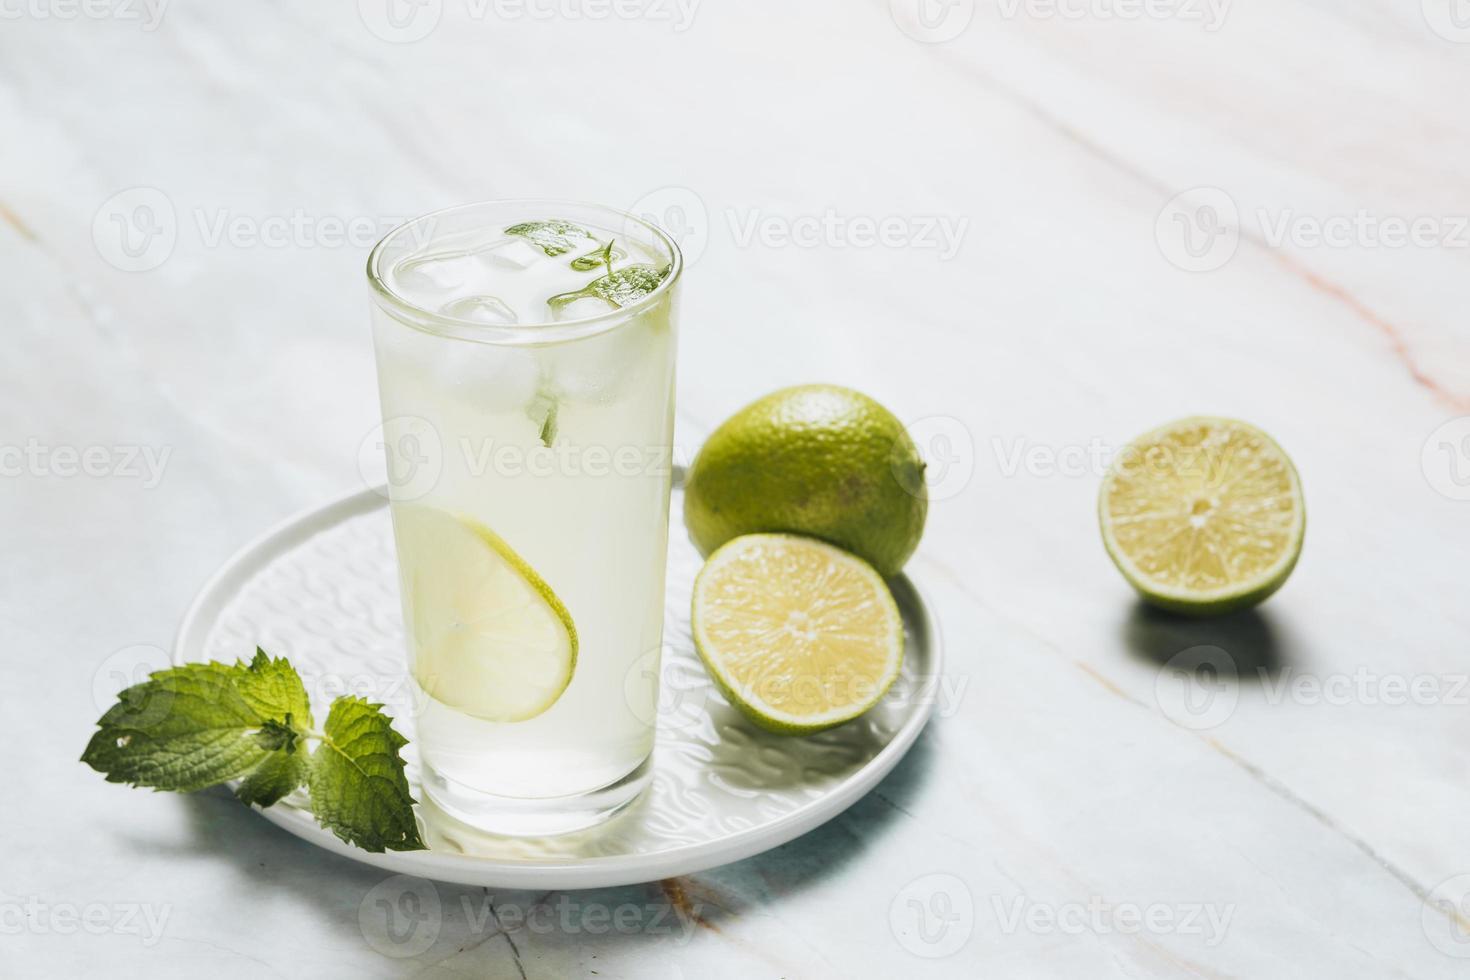 limonadglas och limefrukter foto